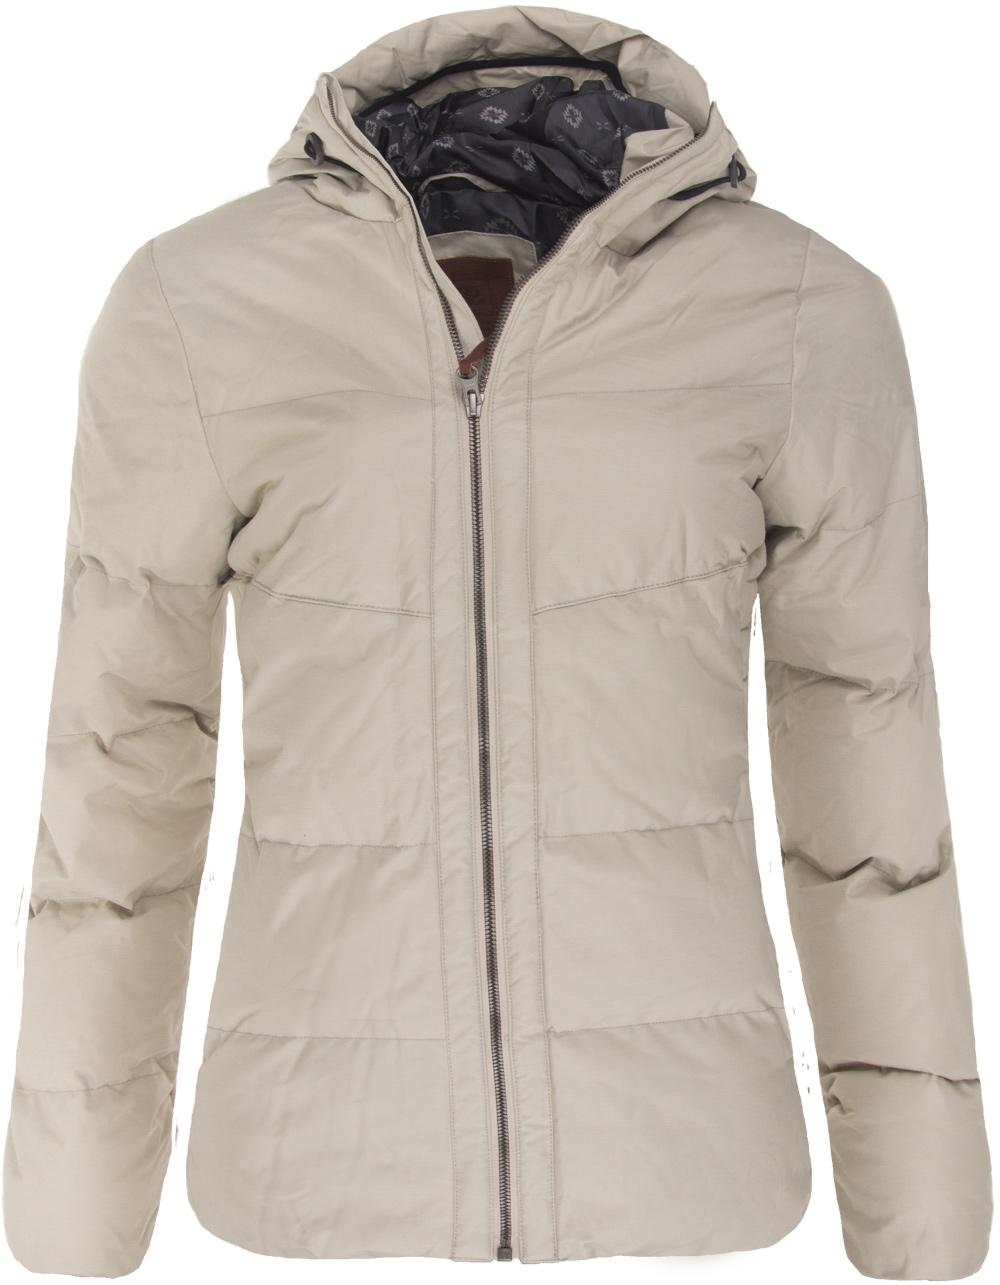 Zimní bunda dámská Rip Curl CHERHILL JACKET